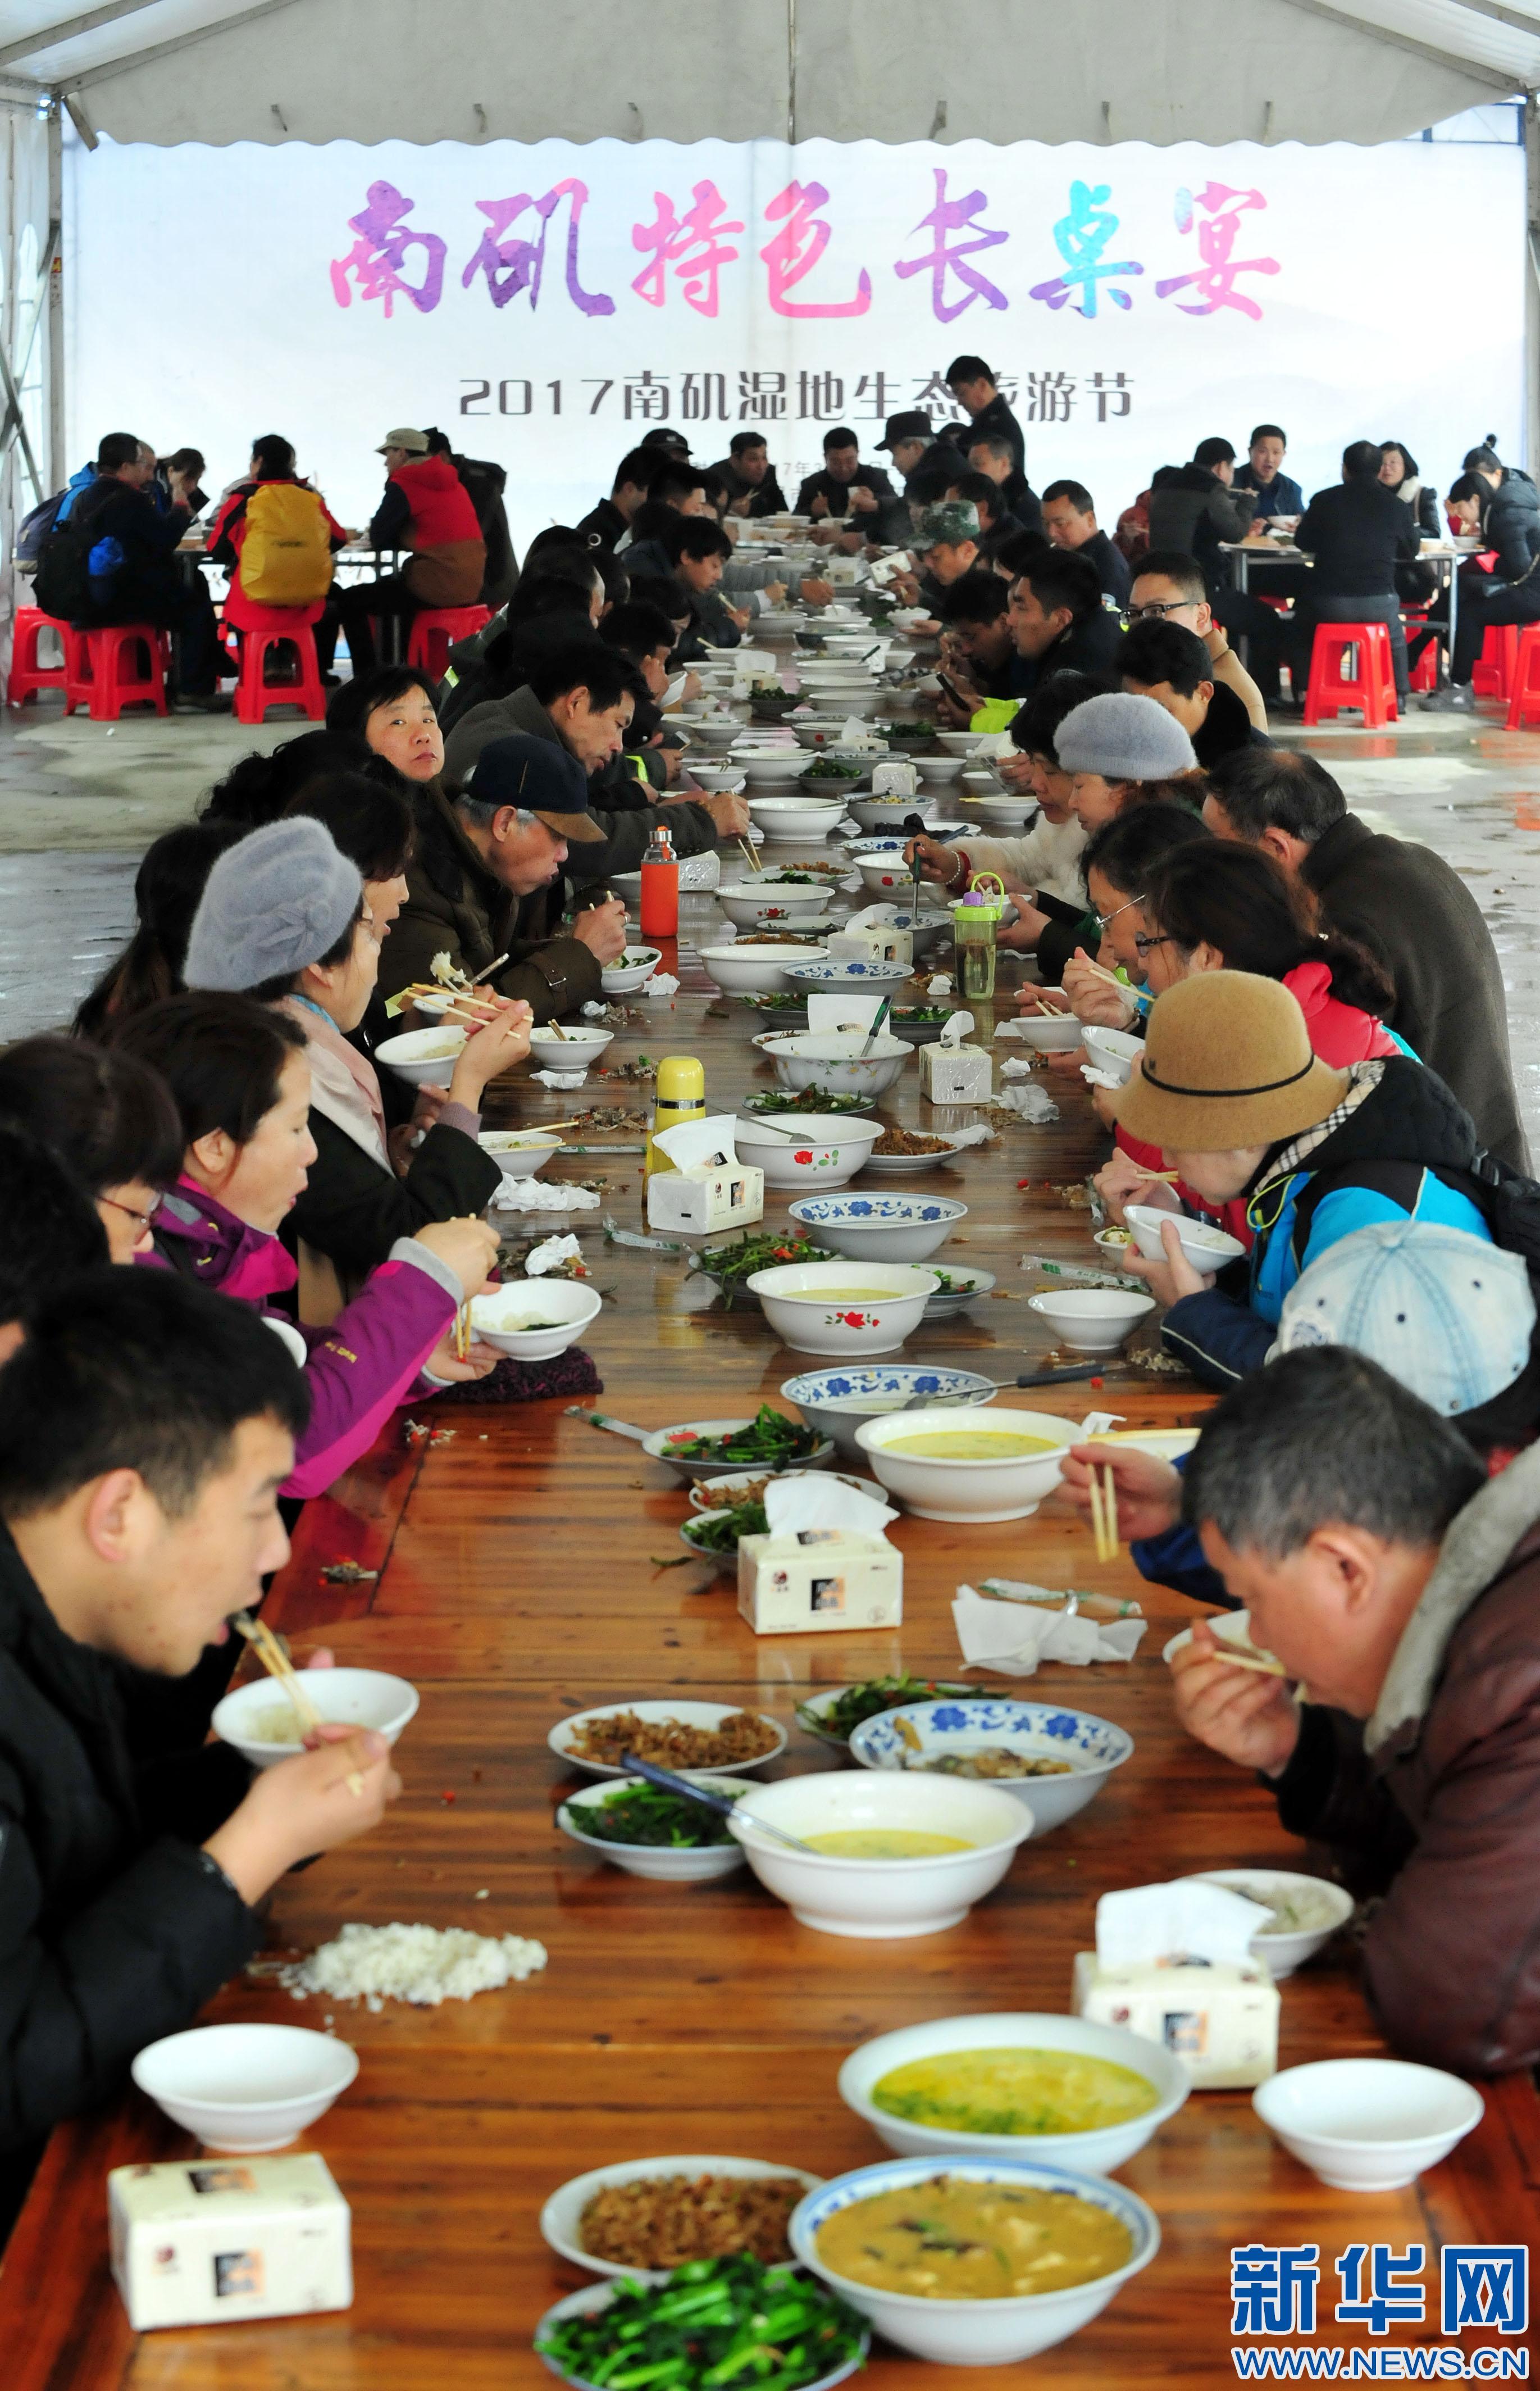 百人长桌宴 喜迎八方客